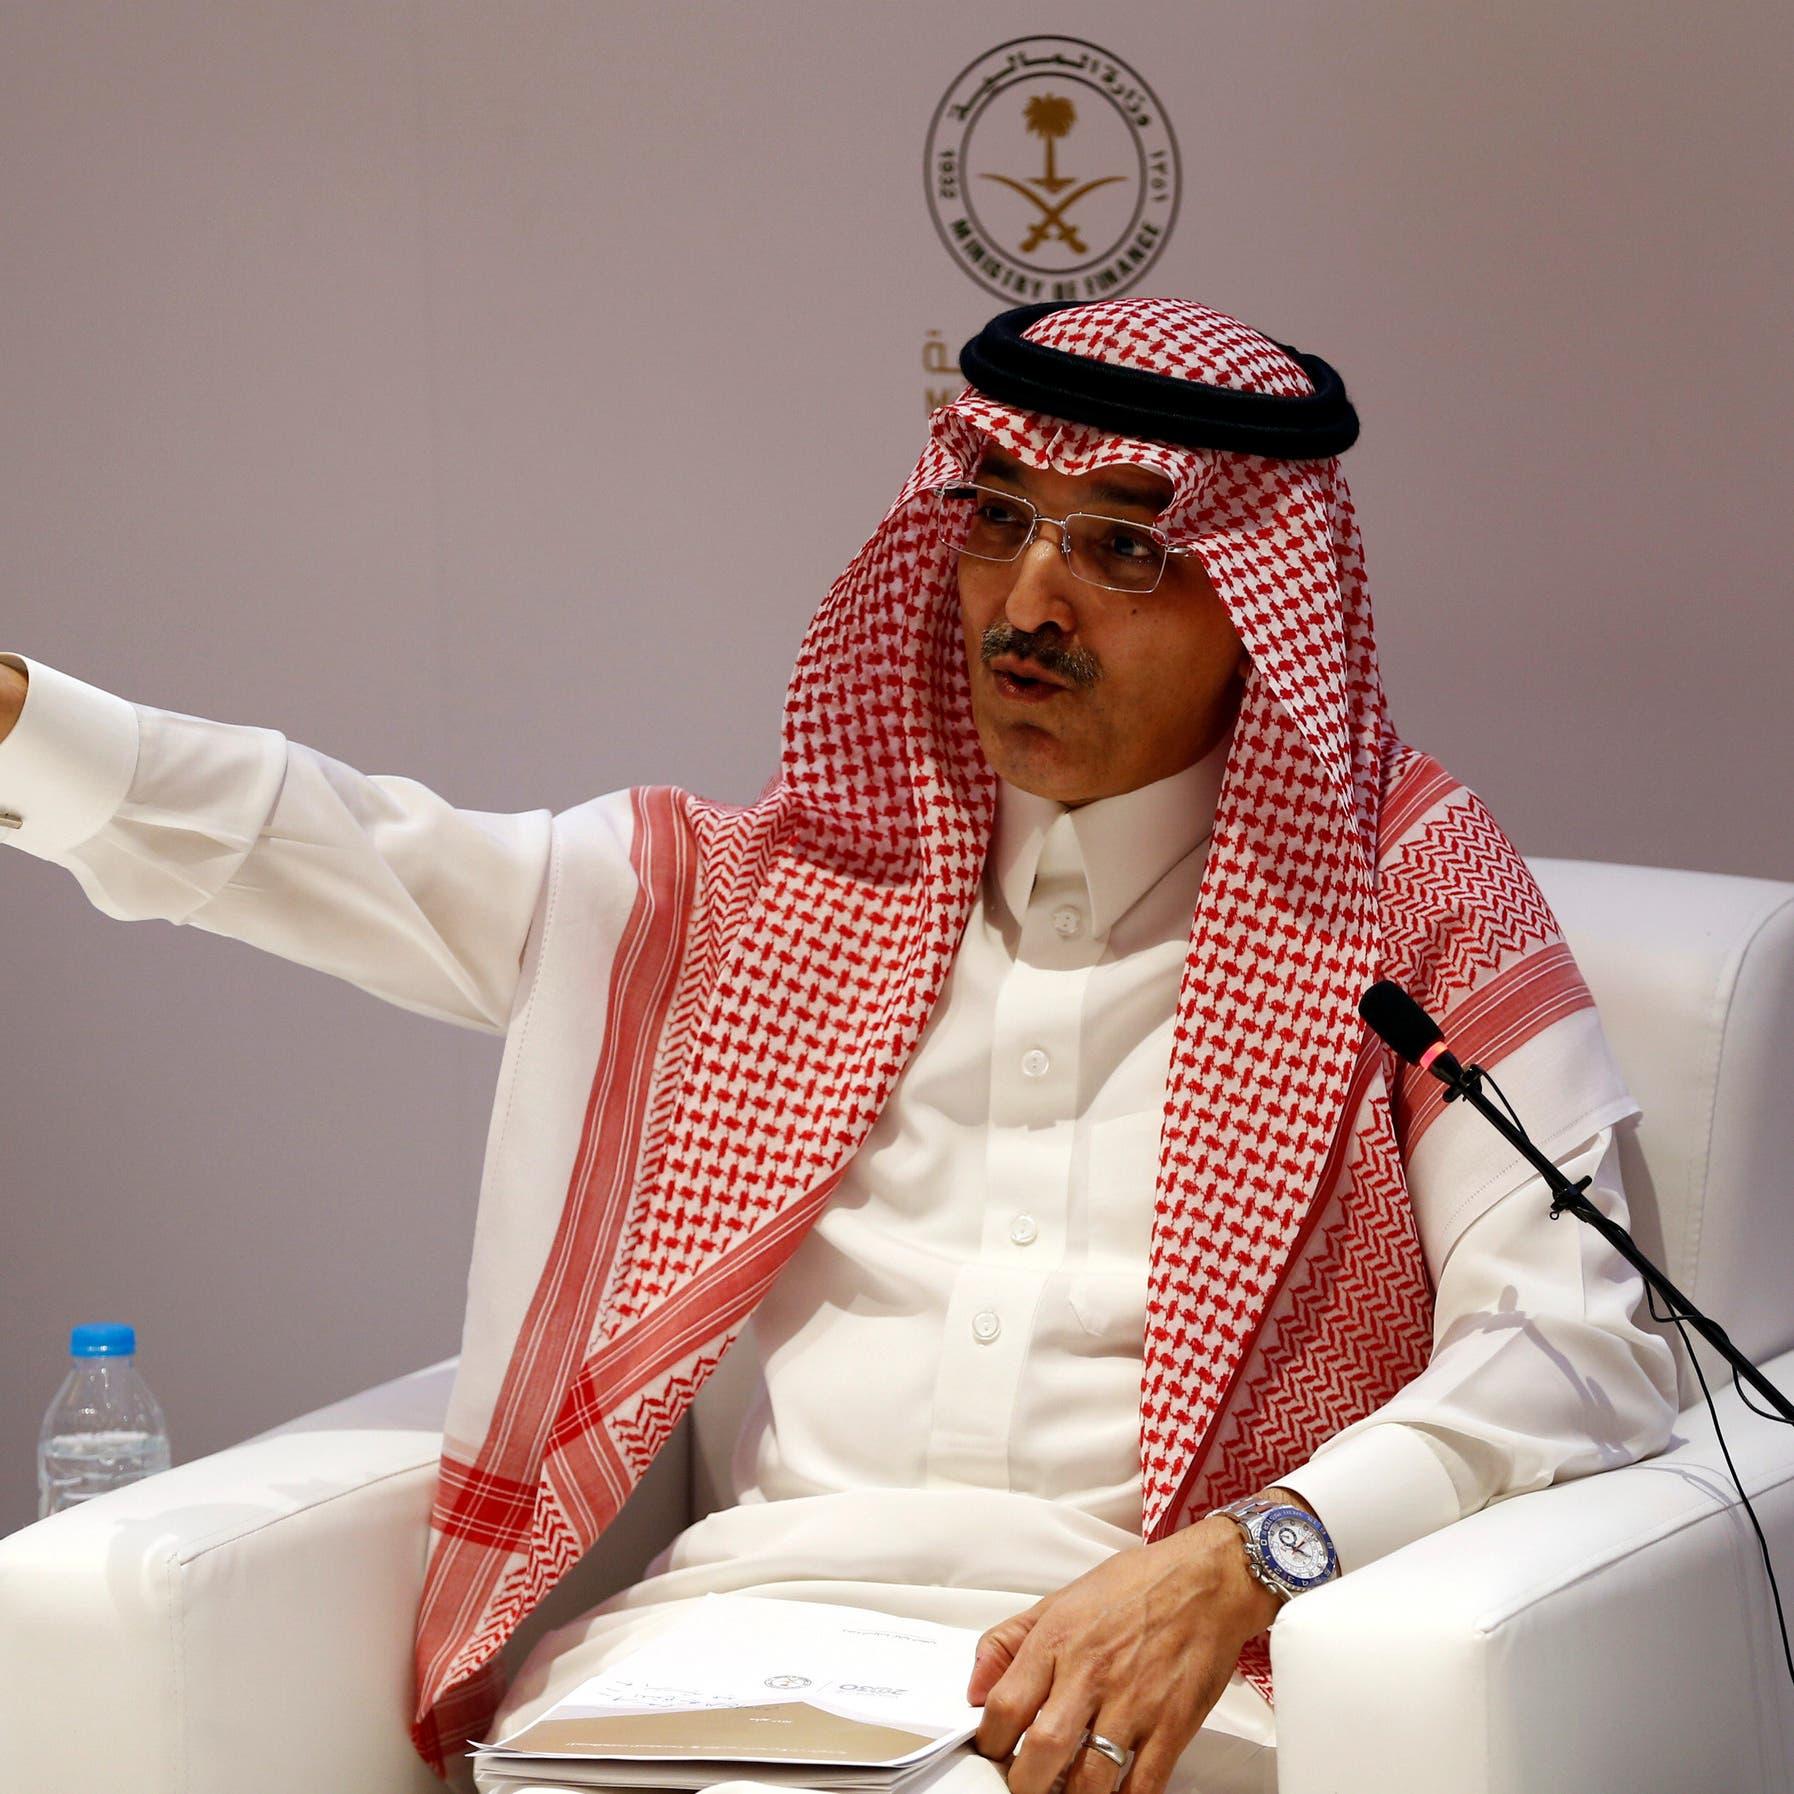 السعودية تؤكد: موقفنا راسخ تجاه القضية الفلسطينية